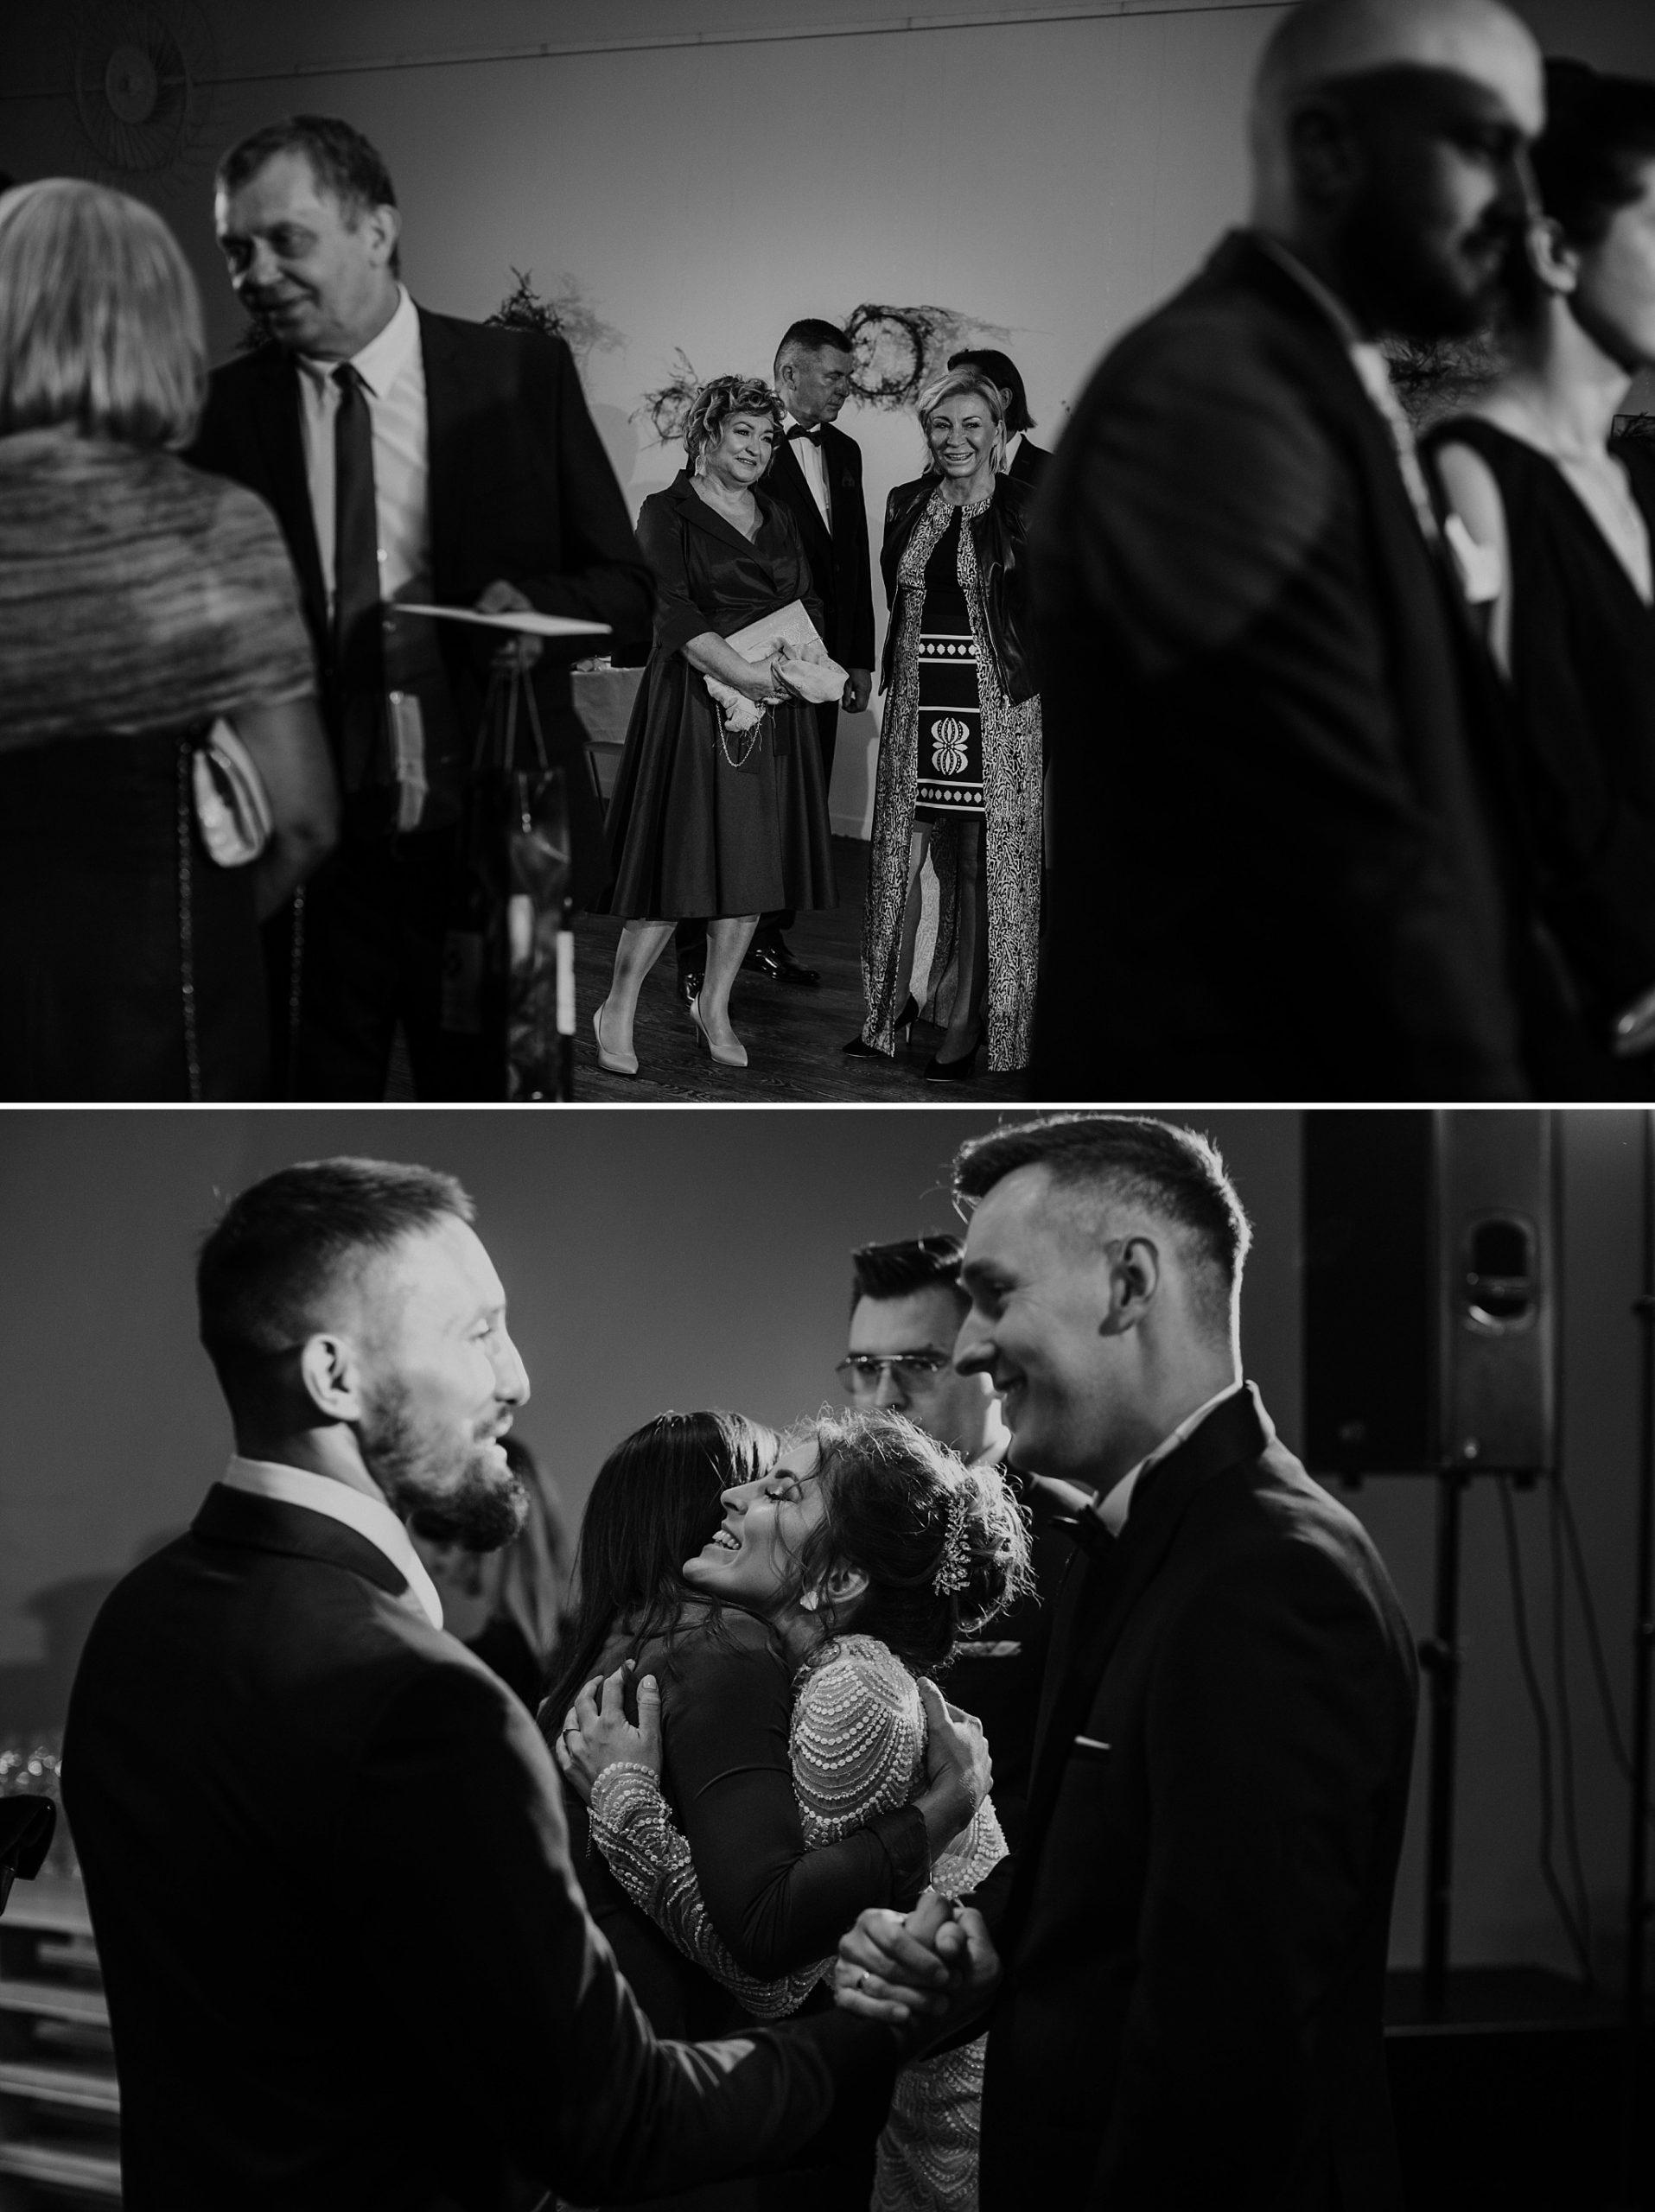 fotograf poznan wesele dobra truskawka piekne wesele pod poznaniem wesele w dobrej truskawce piekna para mloda slub marzen slub koronawirus slub listopad wesele koronawirus 275 scaled